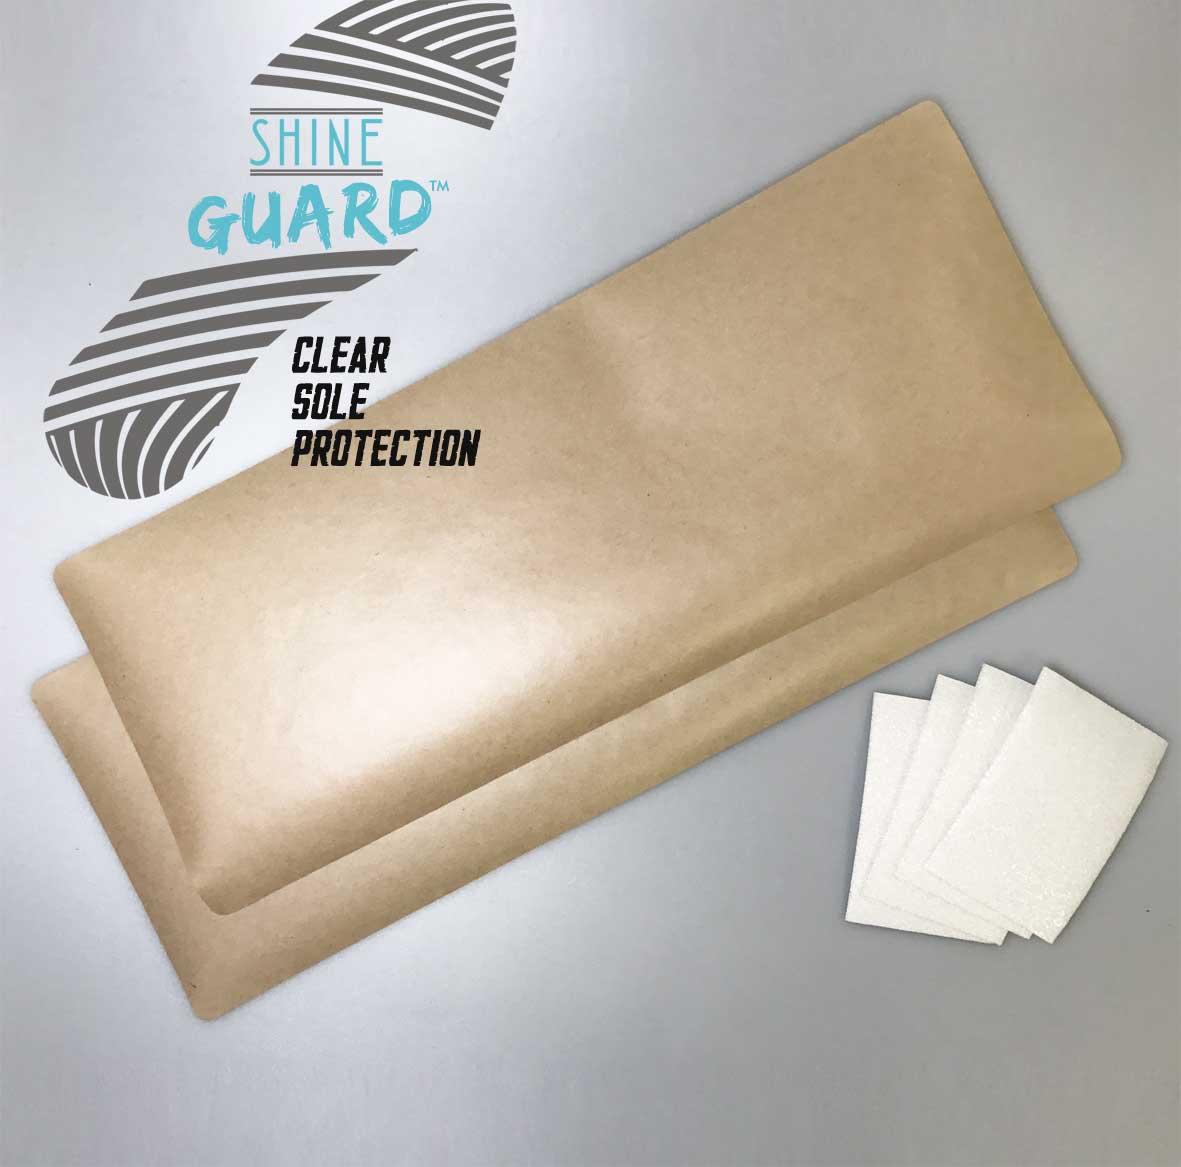 c5134542429 Shine Guard Shoe Protectors by Shine Laces